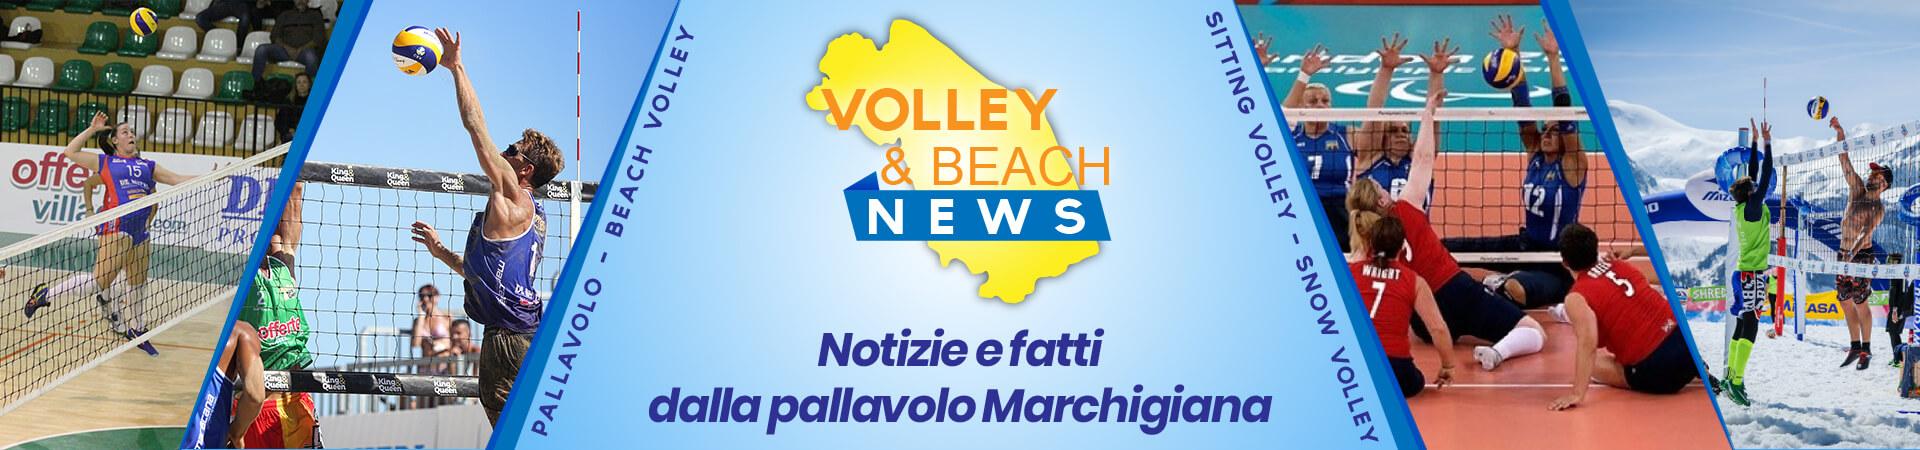 Volley e Beach News